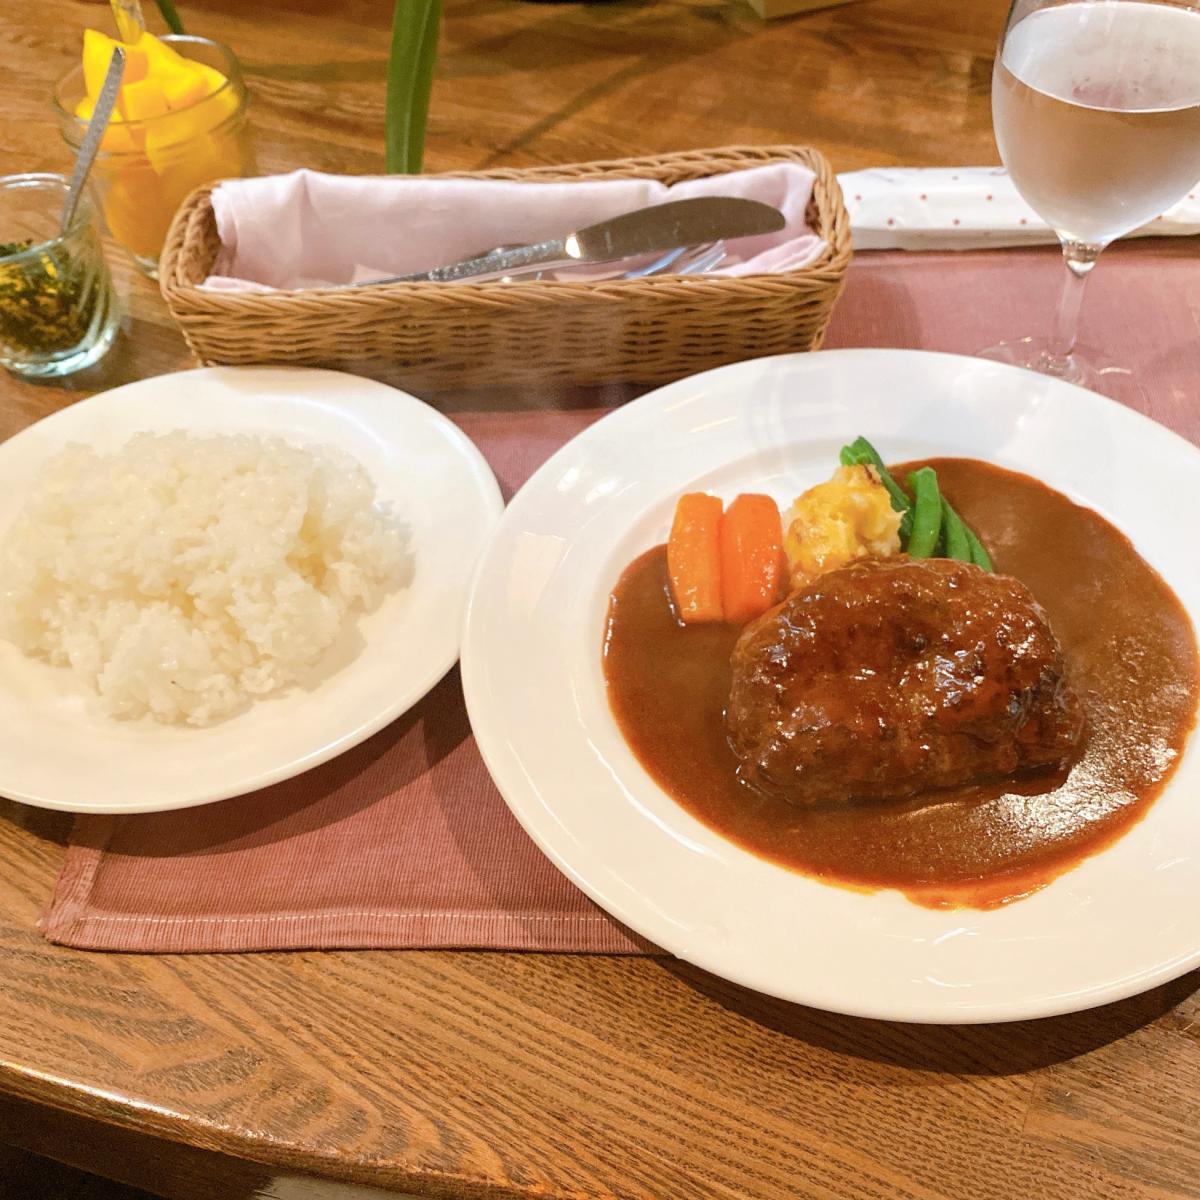 アップルサイダー_料理/グルメ